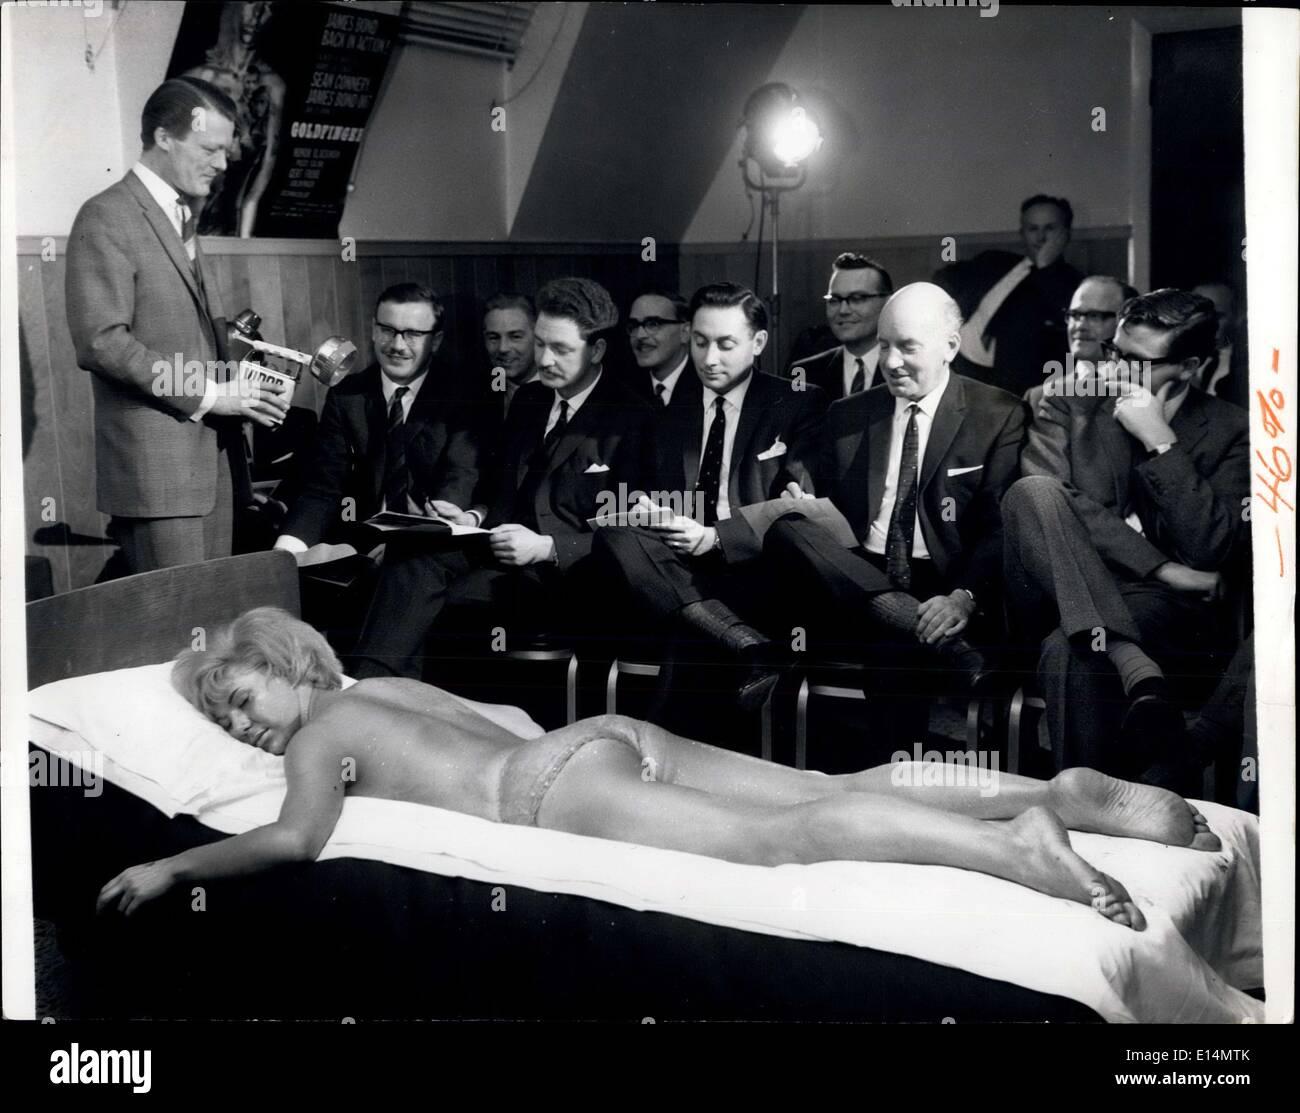 Apr. 05, 2012 - ''Bond donna'' illumina l'imprenditori conferenza della meravigliosa vista per occhi stanchi: conferenze di business e ''Pep'' colloqui per venditori sono di solito come asciutto come polveri e molto uninter esting. Ma non così la conferenza tenutasi di recente da un noto Battery Company a Londra. L'amministrazione si erano riuniti insieme con i business manager del distretto per una conferenza e una proiezione del nuovo James film di Bong ''Goldfinger''-incui i loro prodotti sono stati utilizzati Immagini Stock